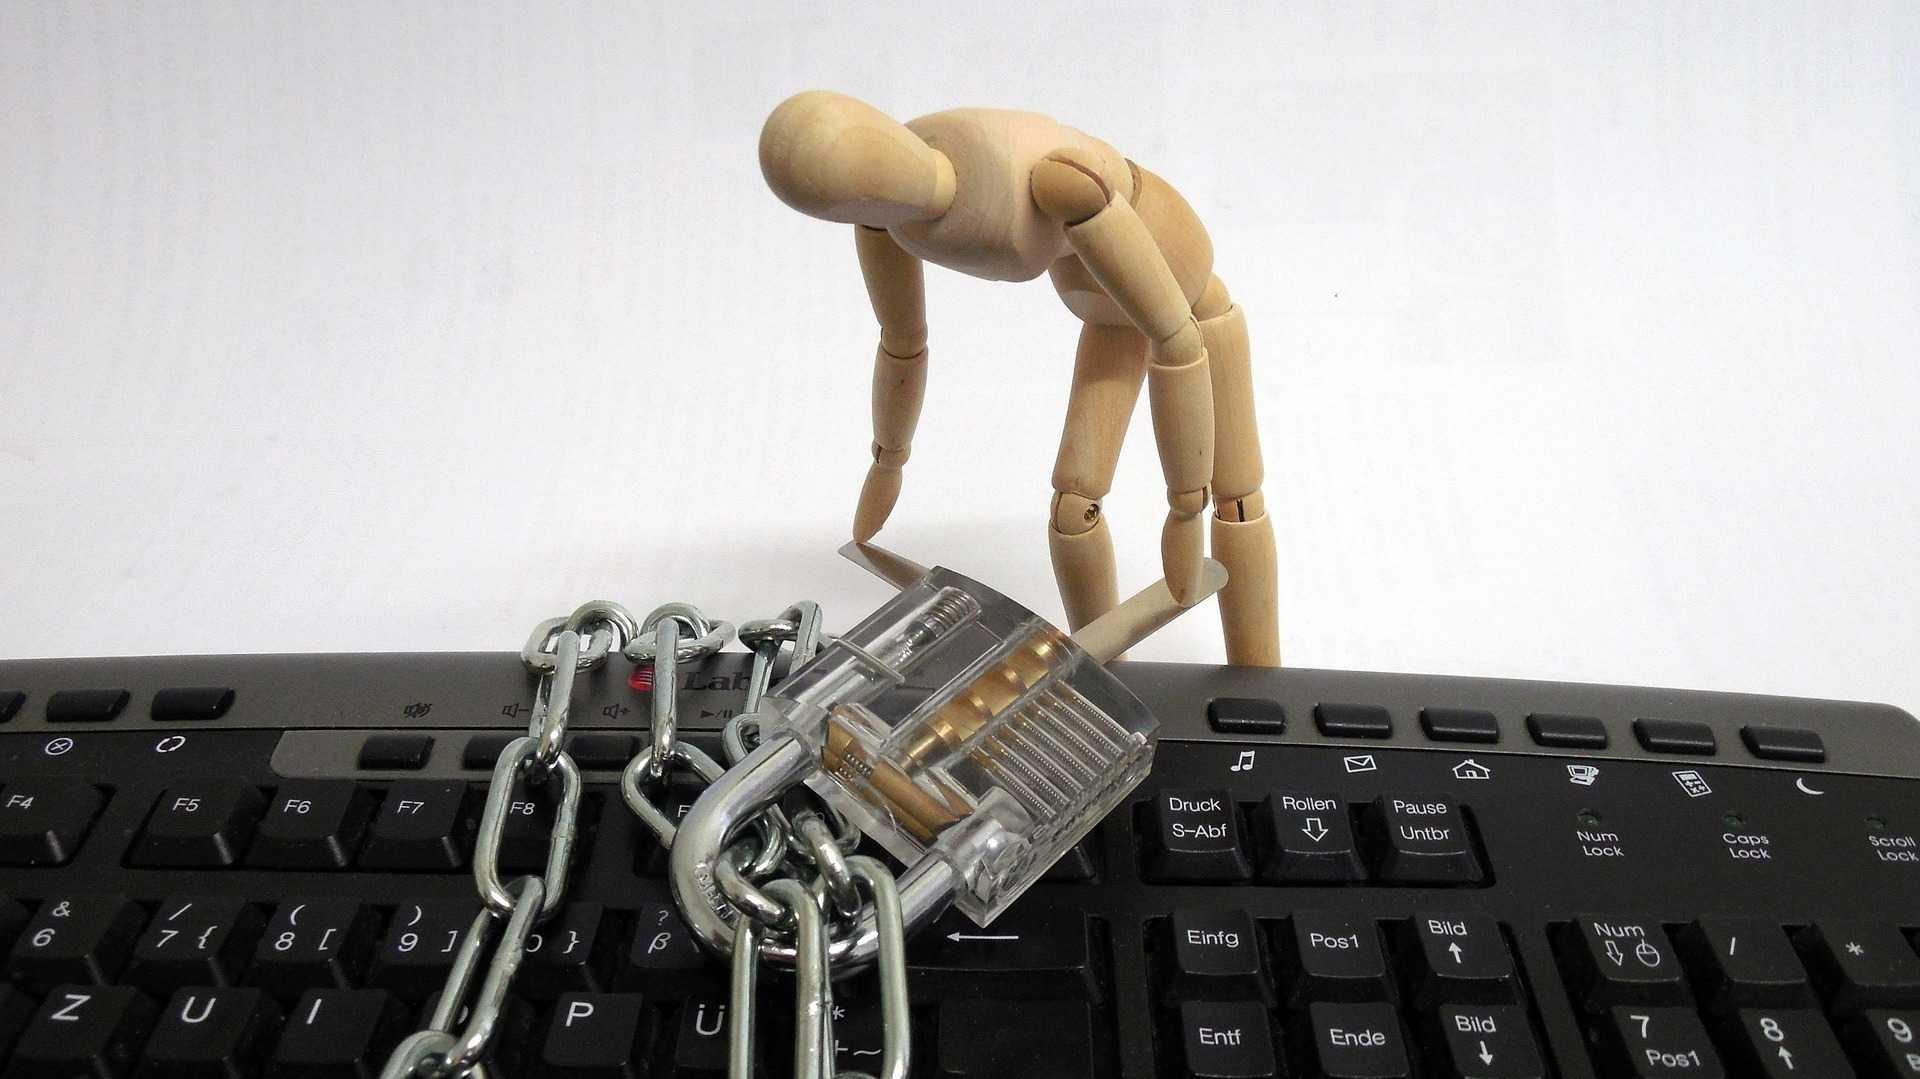 Angriff oder Penetrationstest: Digispark-USB-Platine im Unternehmen